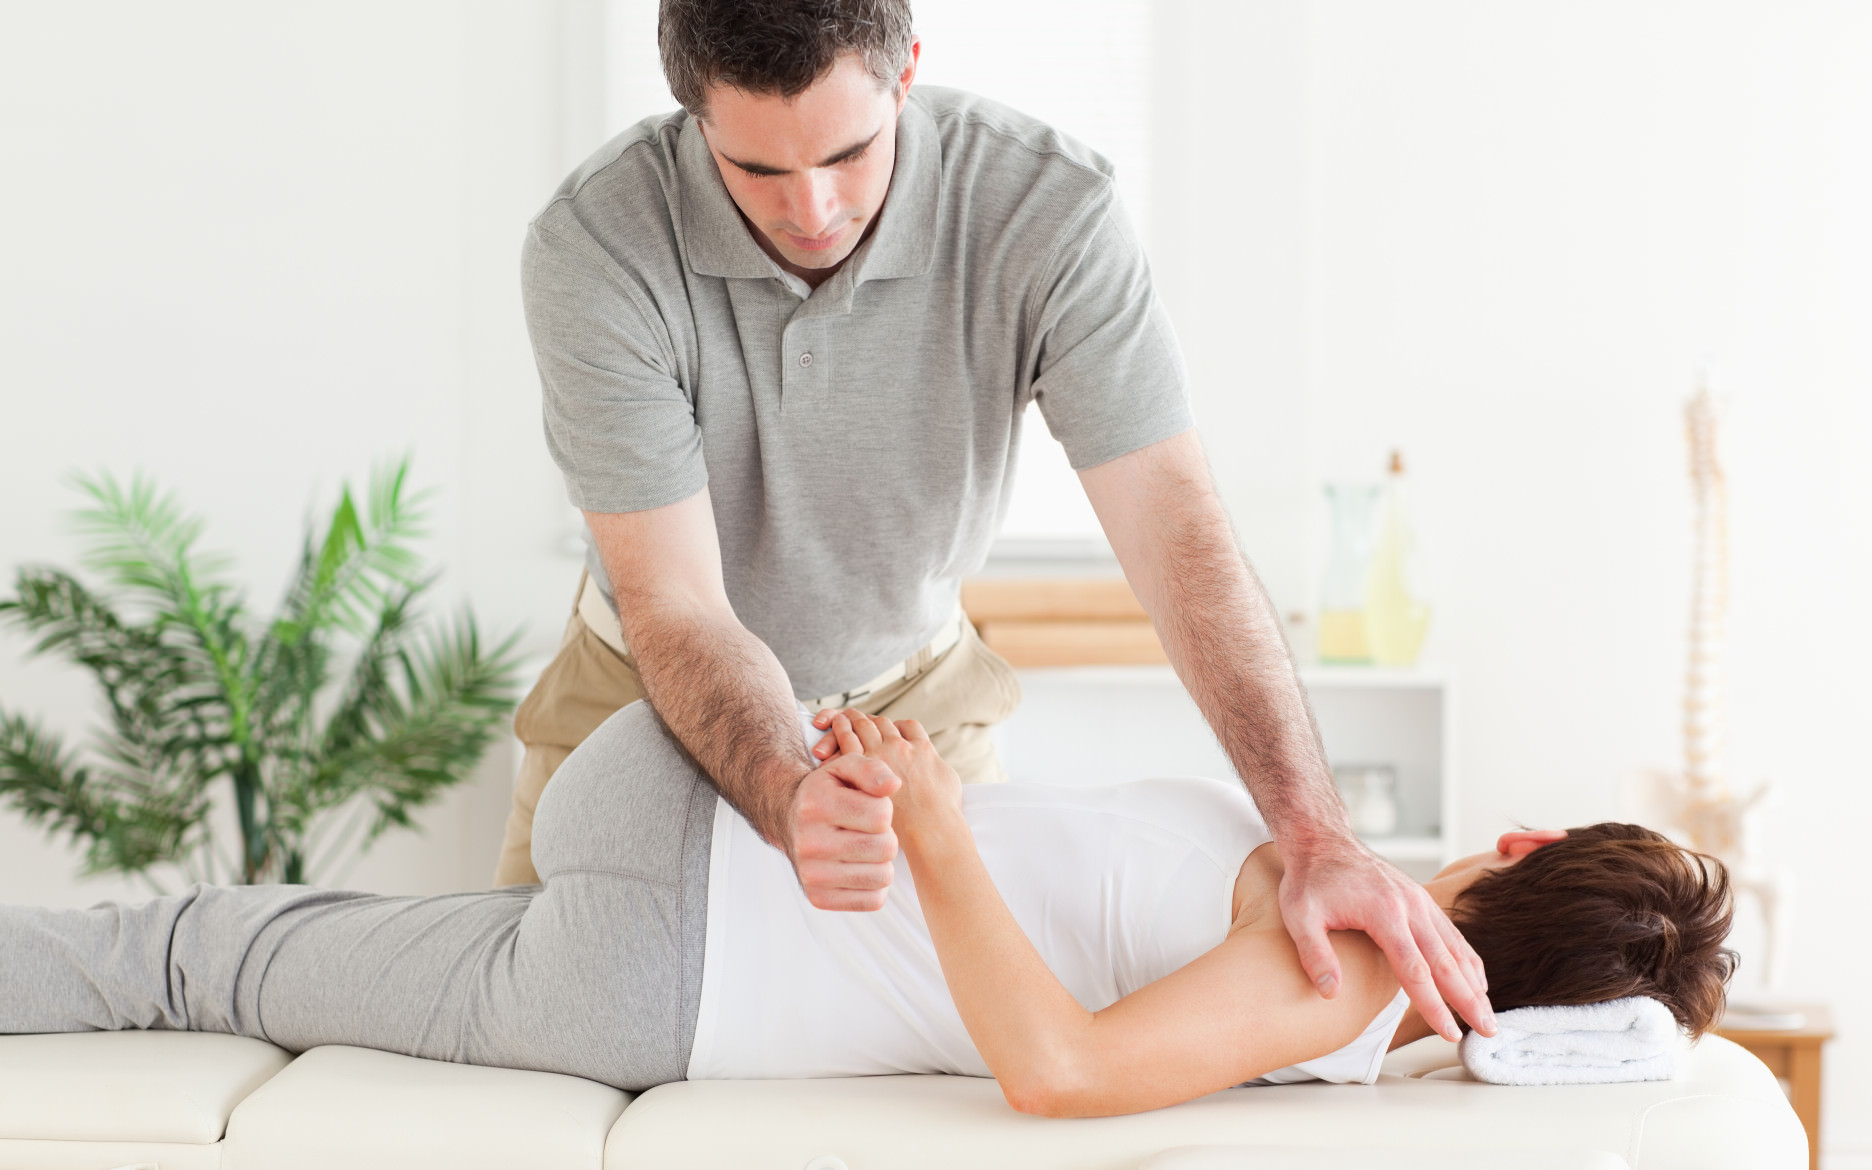 Behandling av fysioterapeut